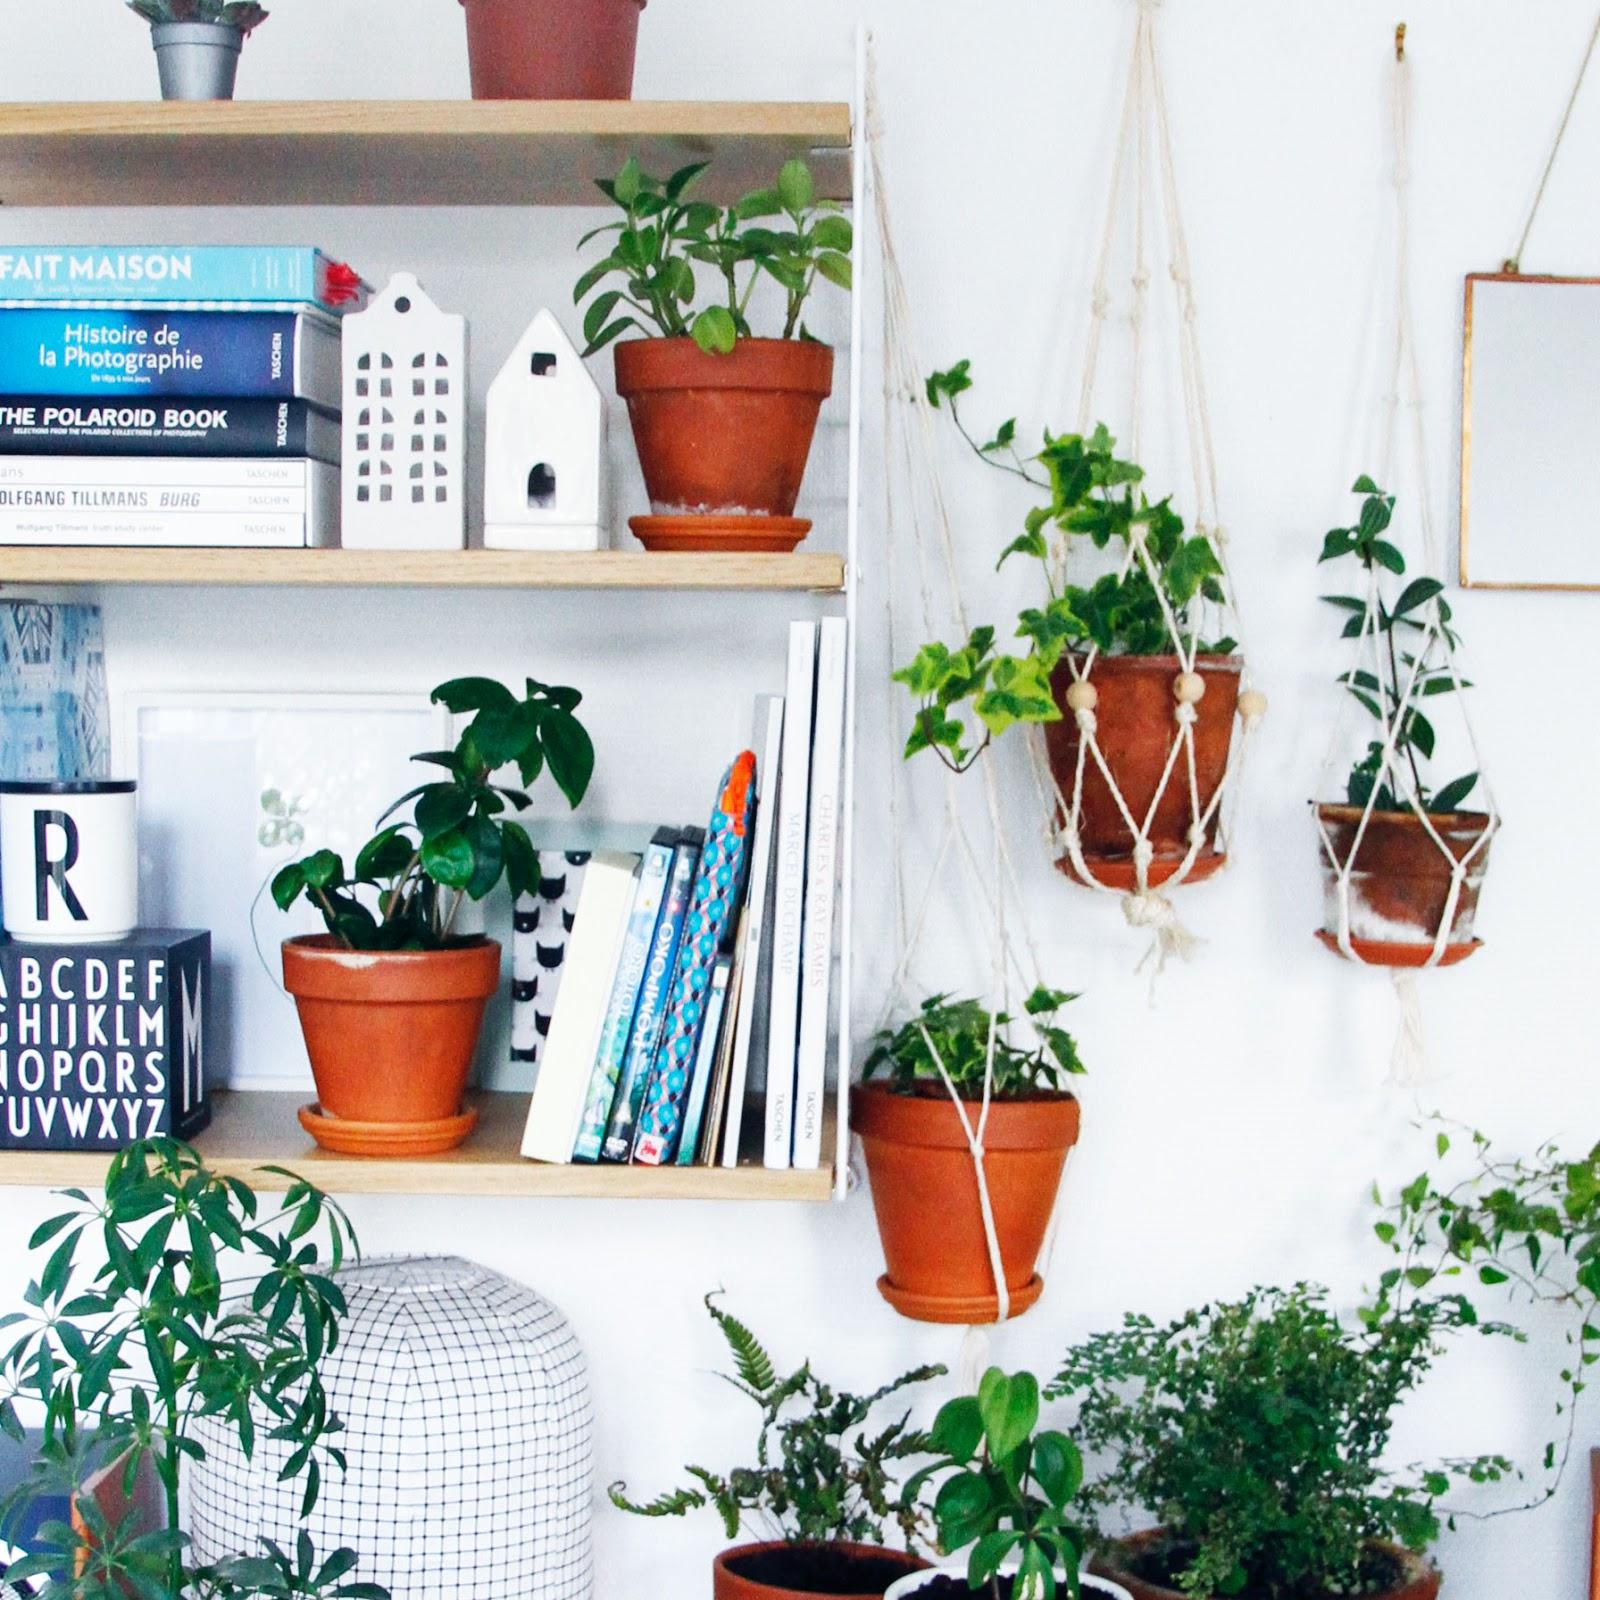 merci raoul conseils pour l 39 entretien de nos petites plantes vertes. Black Bedroom Furniture Sets. Home Design Ideas